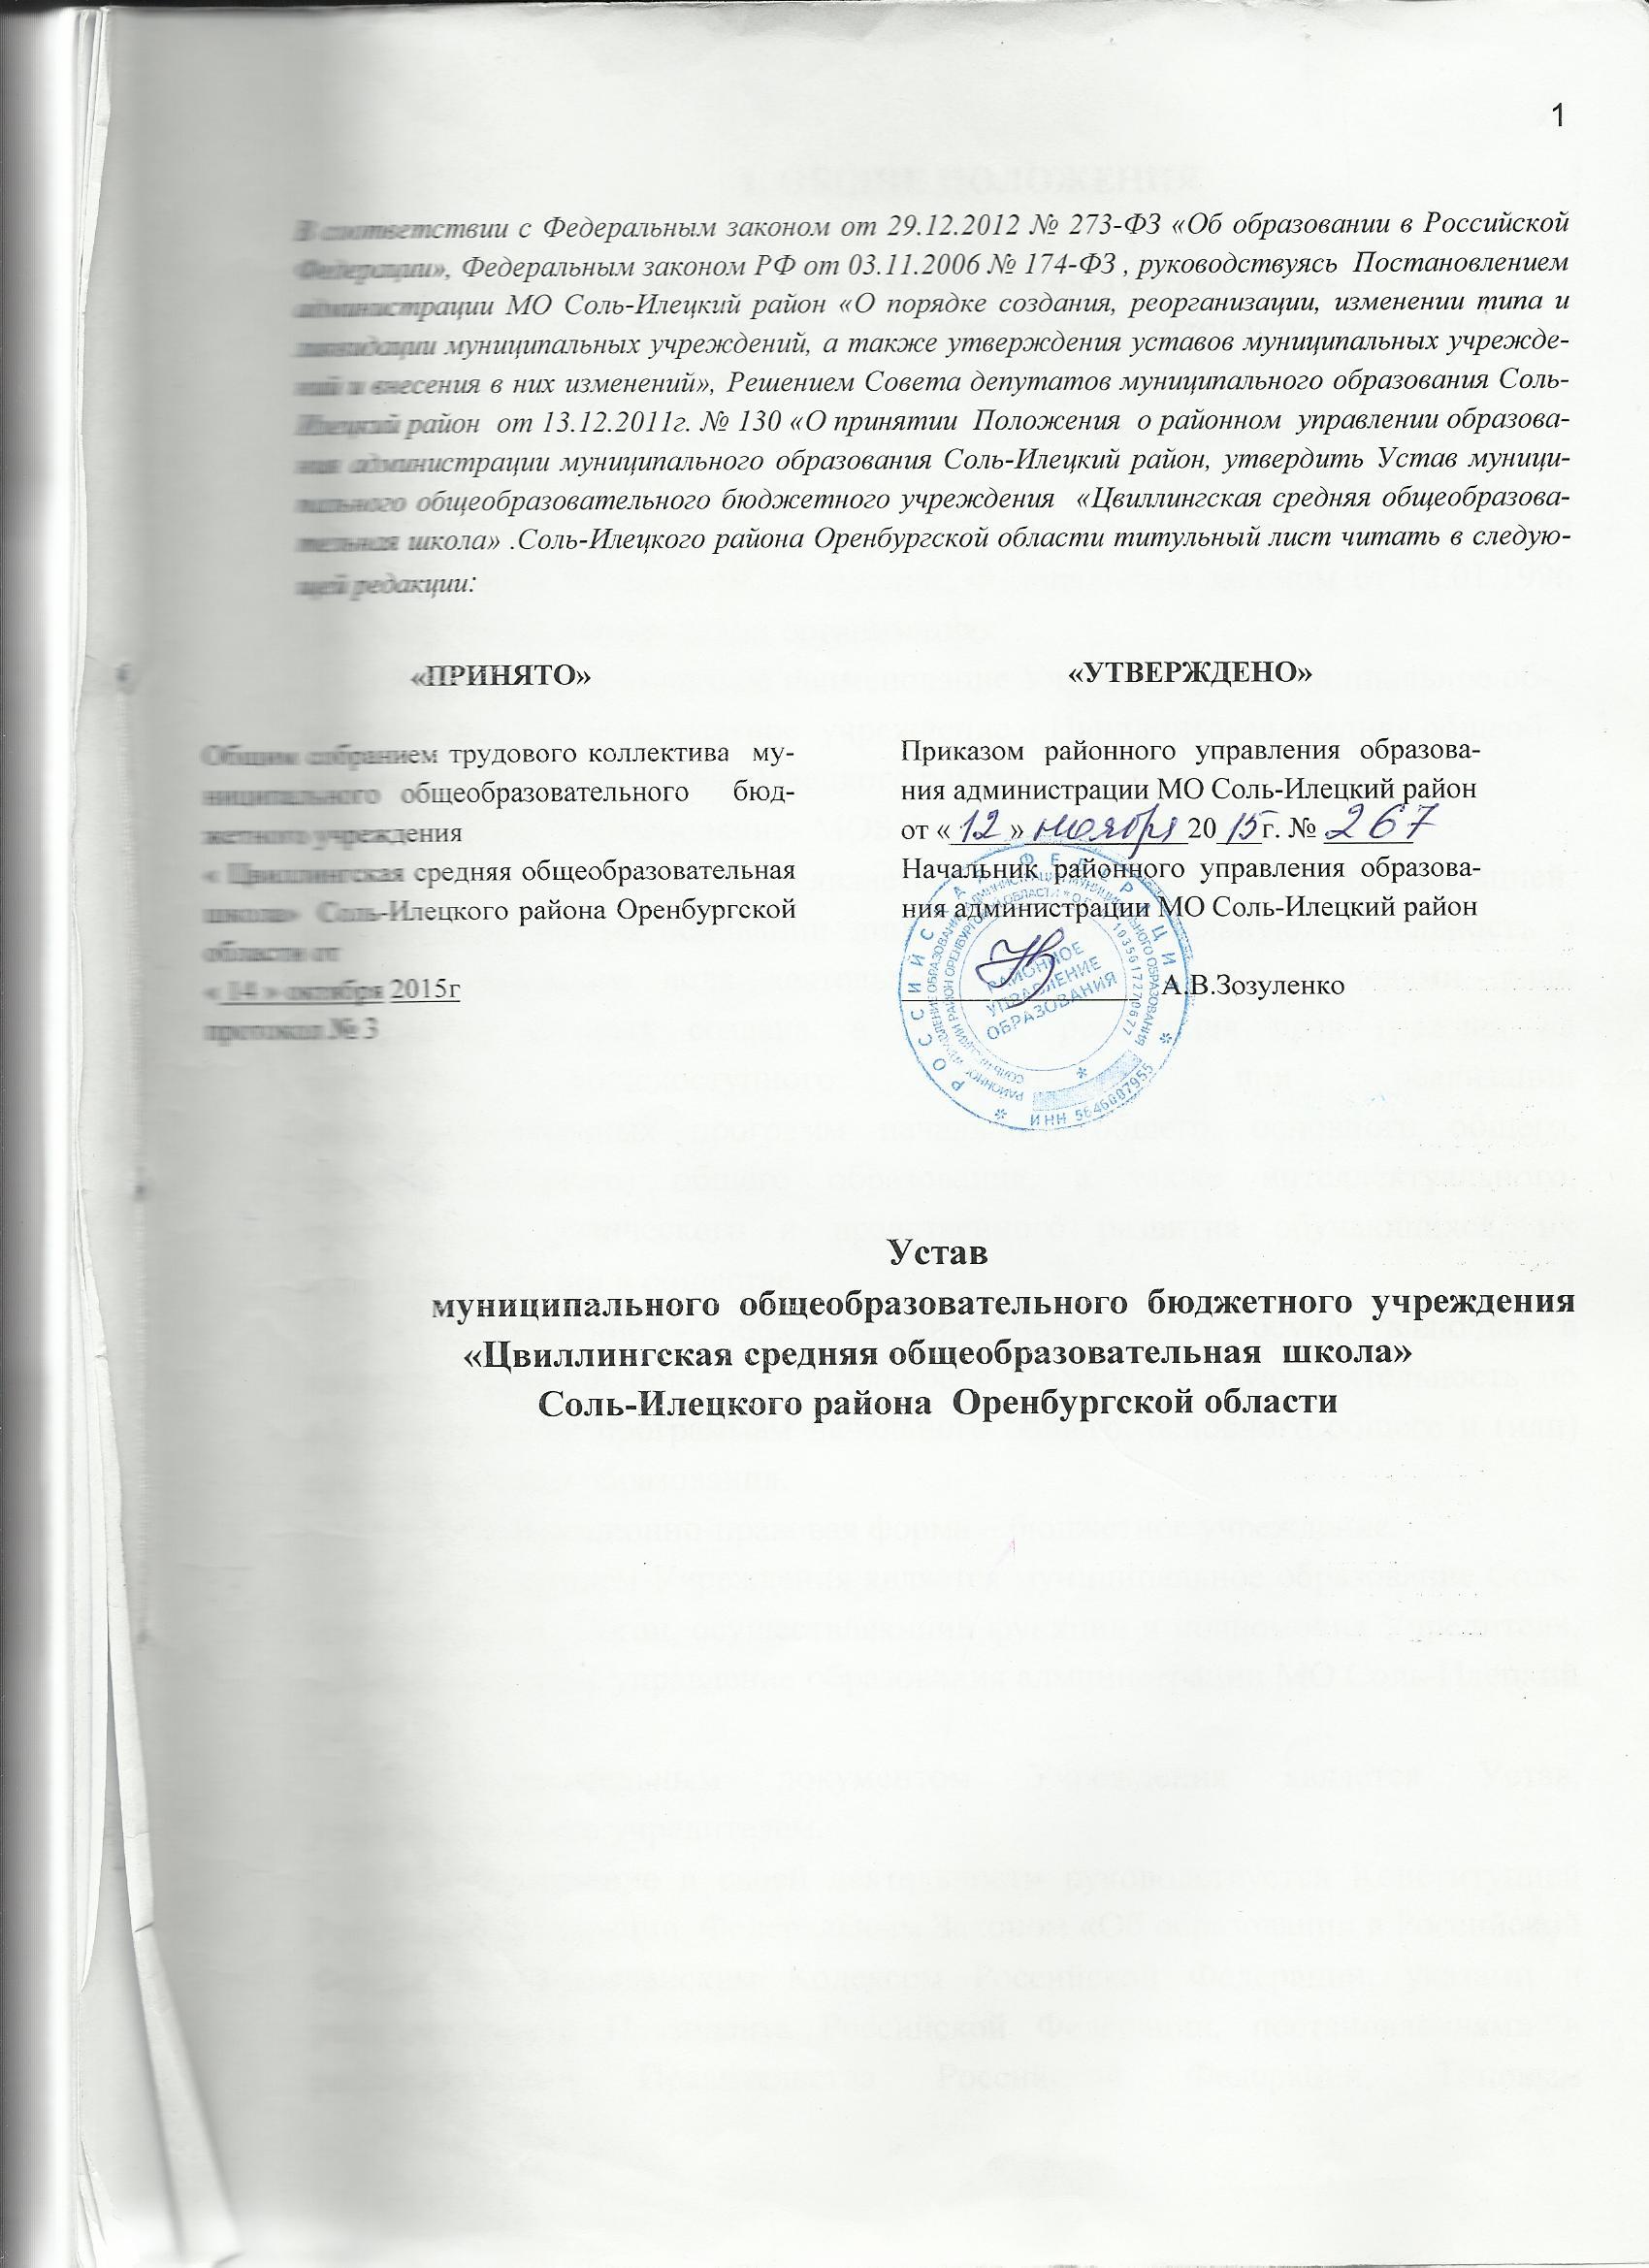 Устав школы 2017 года по новому закону об образовании